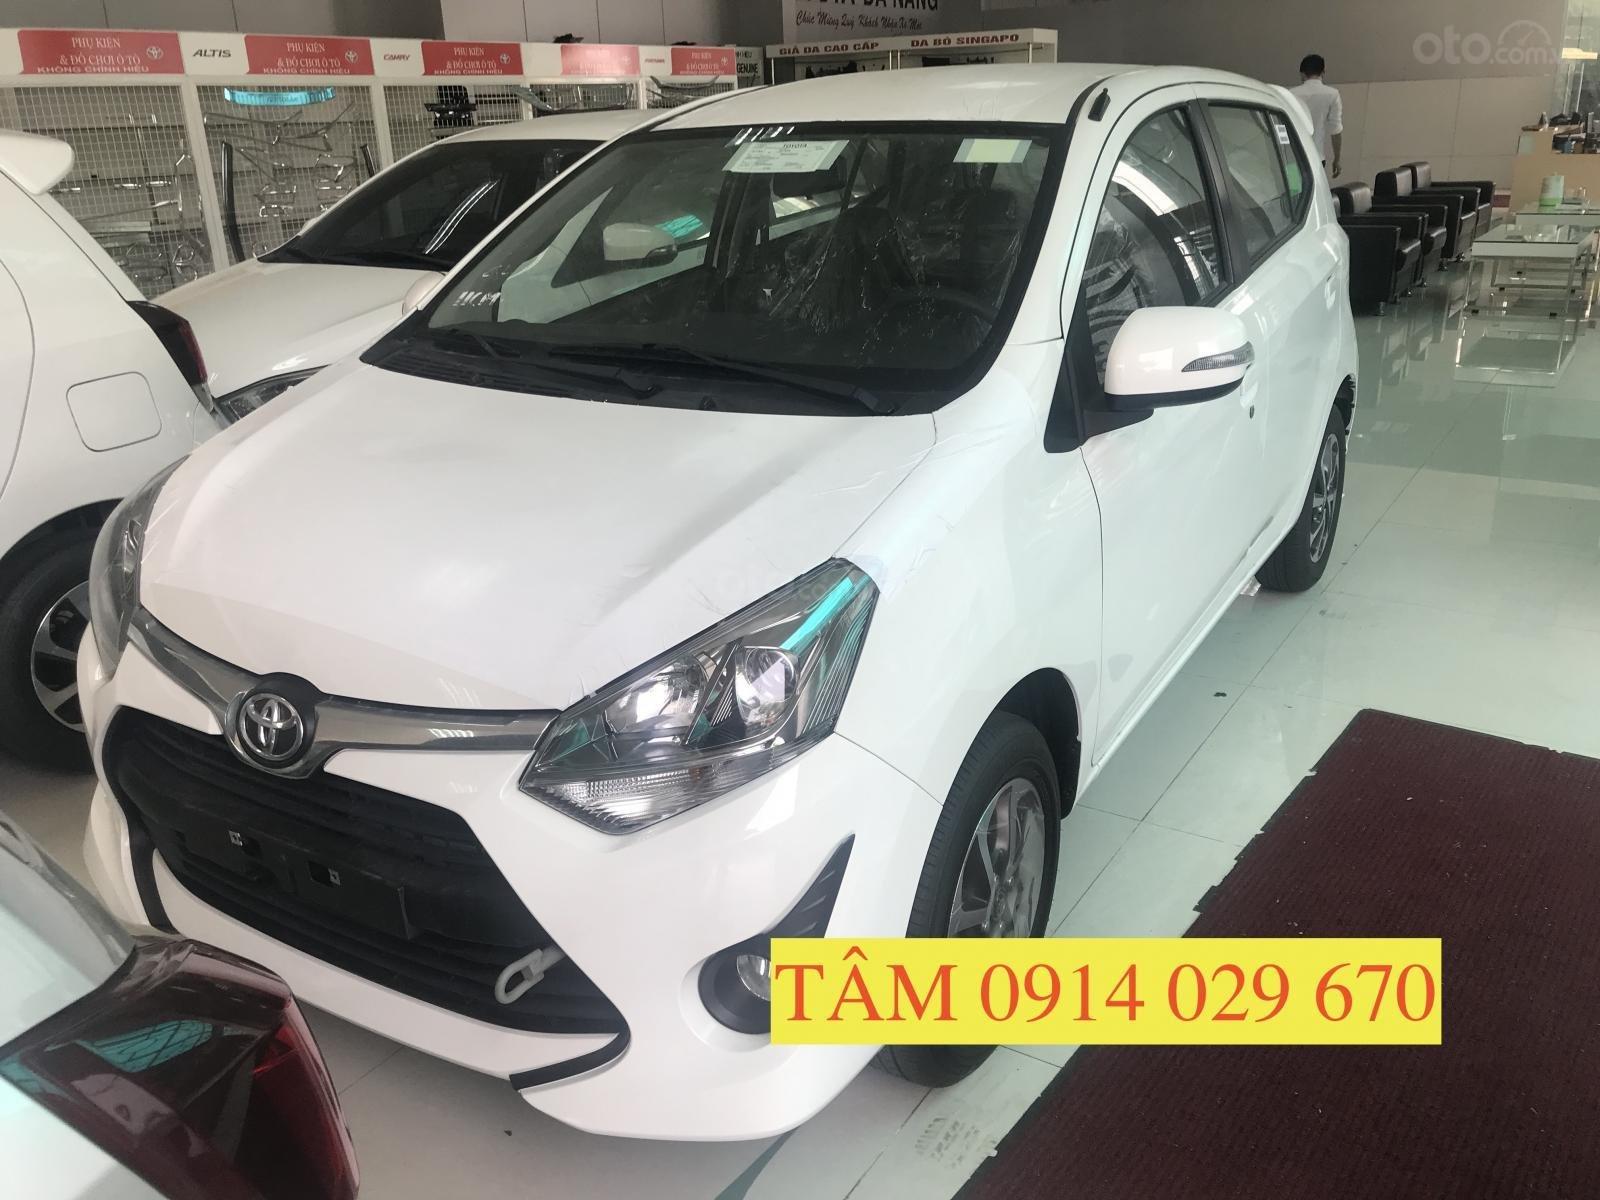 Bán xe Toyota Wigo 2019, hỗ trợ mua xe trả góp, hỗ trợ bán xe lô - LH 0914 029 670-0